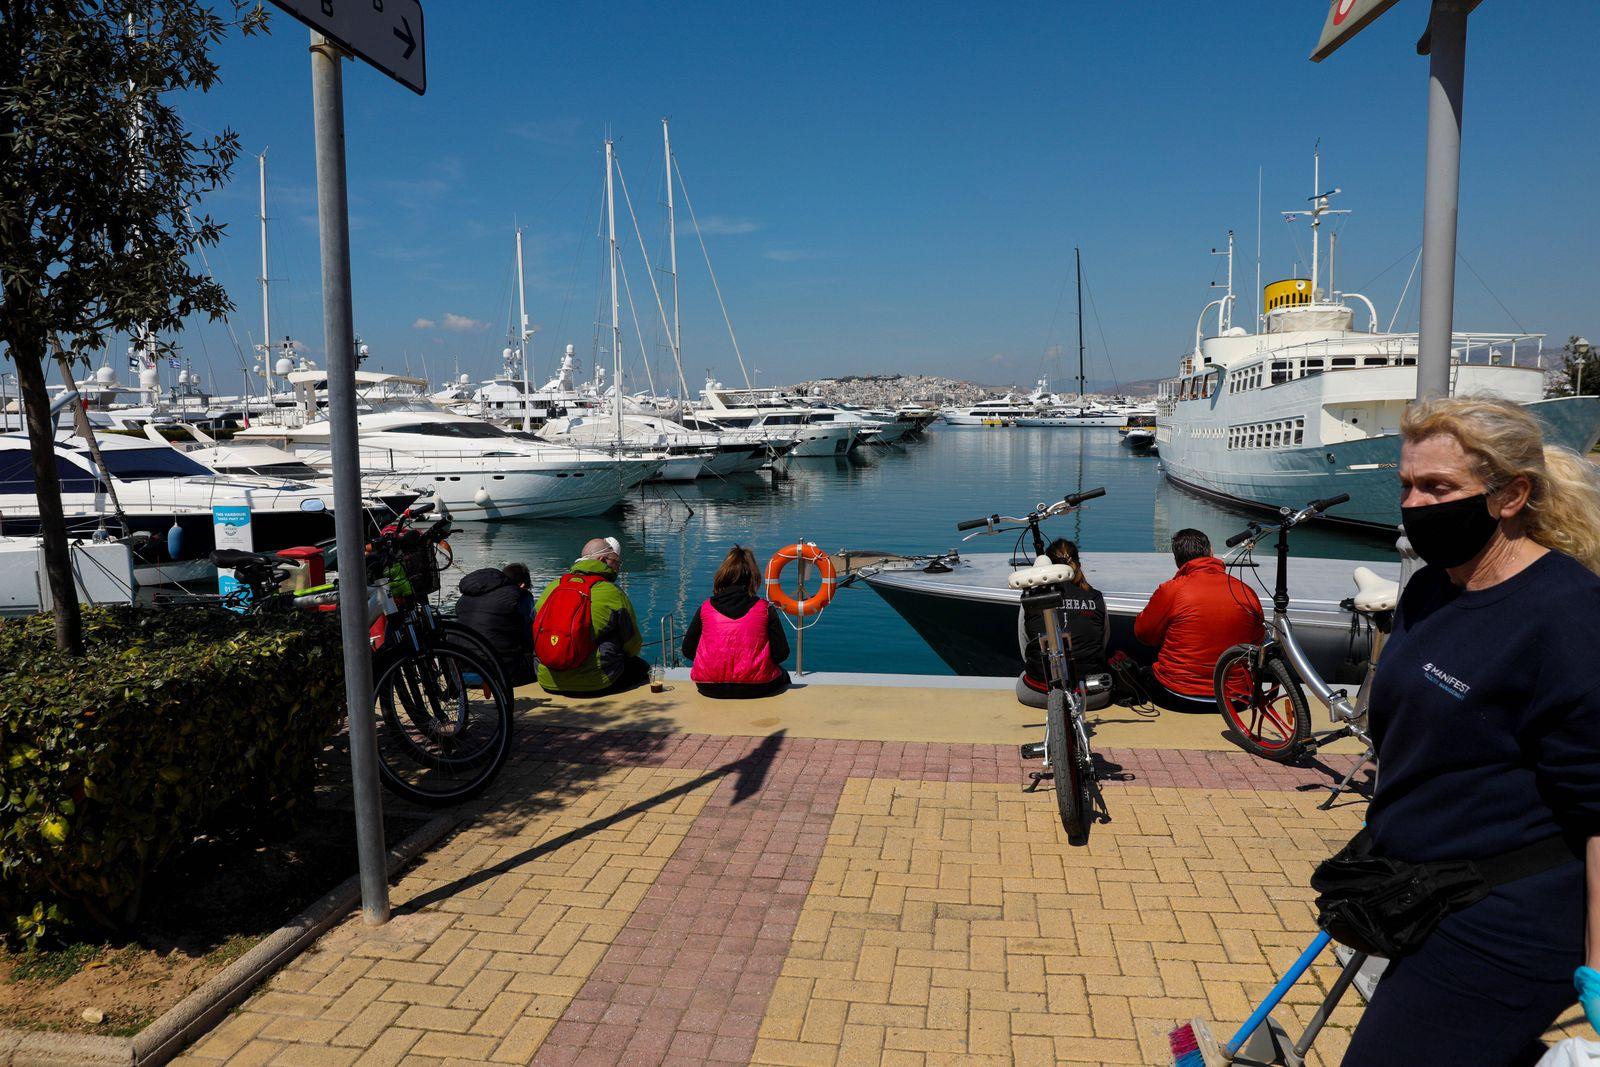 Athen, Griechenland - Sonnenwetter und die warmen Temperaturen locken die Athener in Scharen an die Küste, Momentaufnah